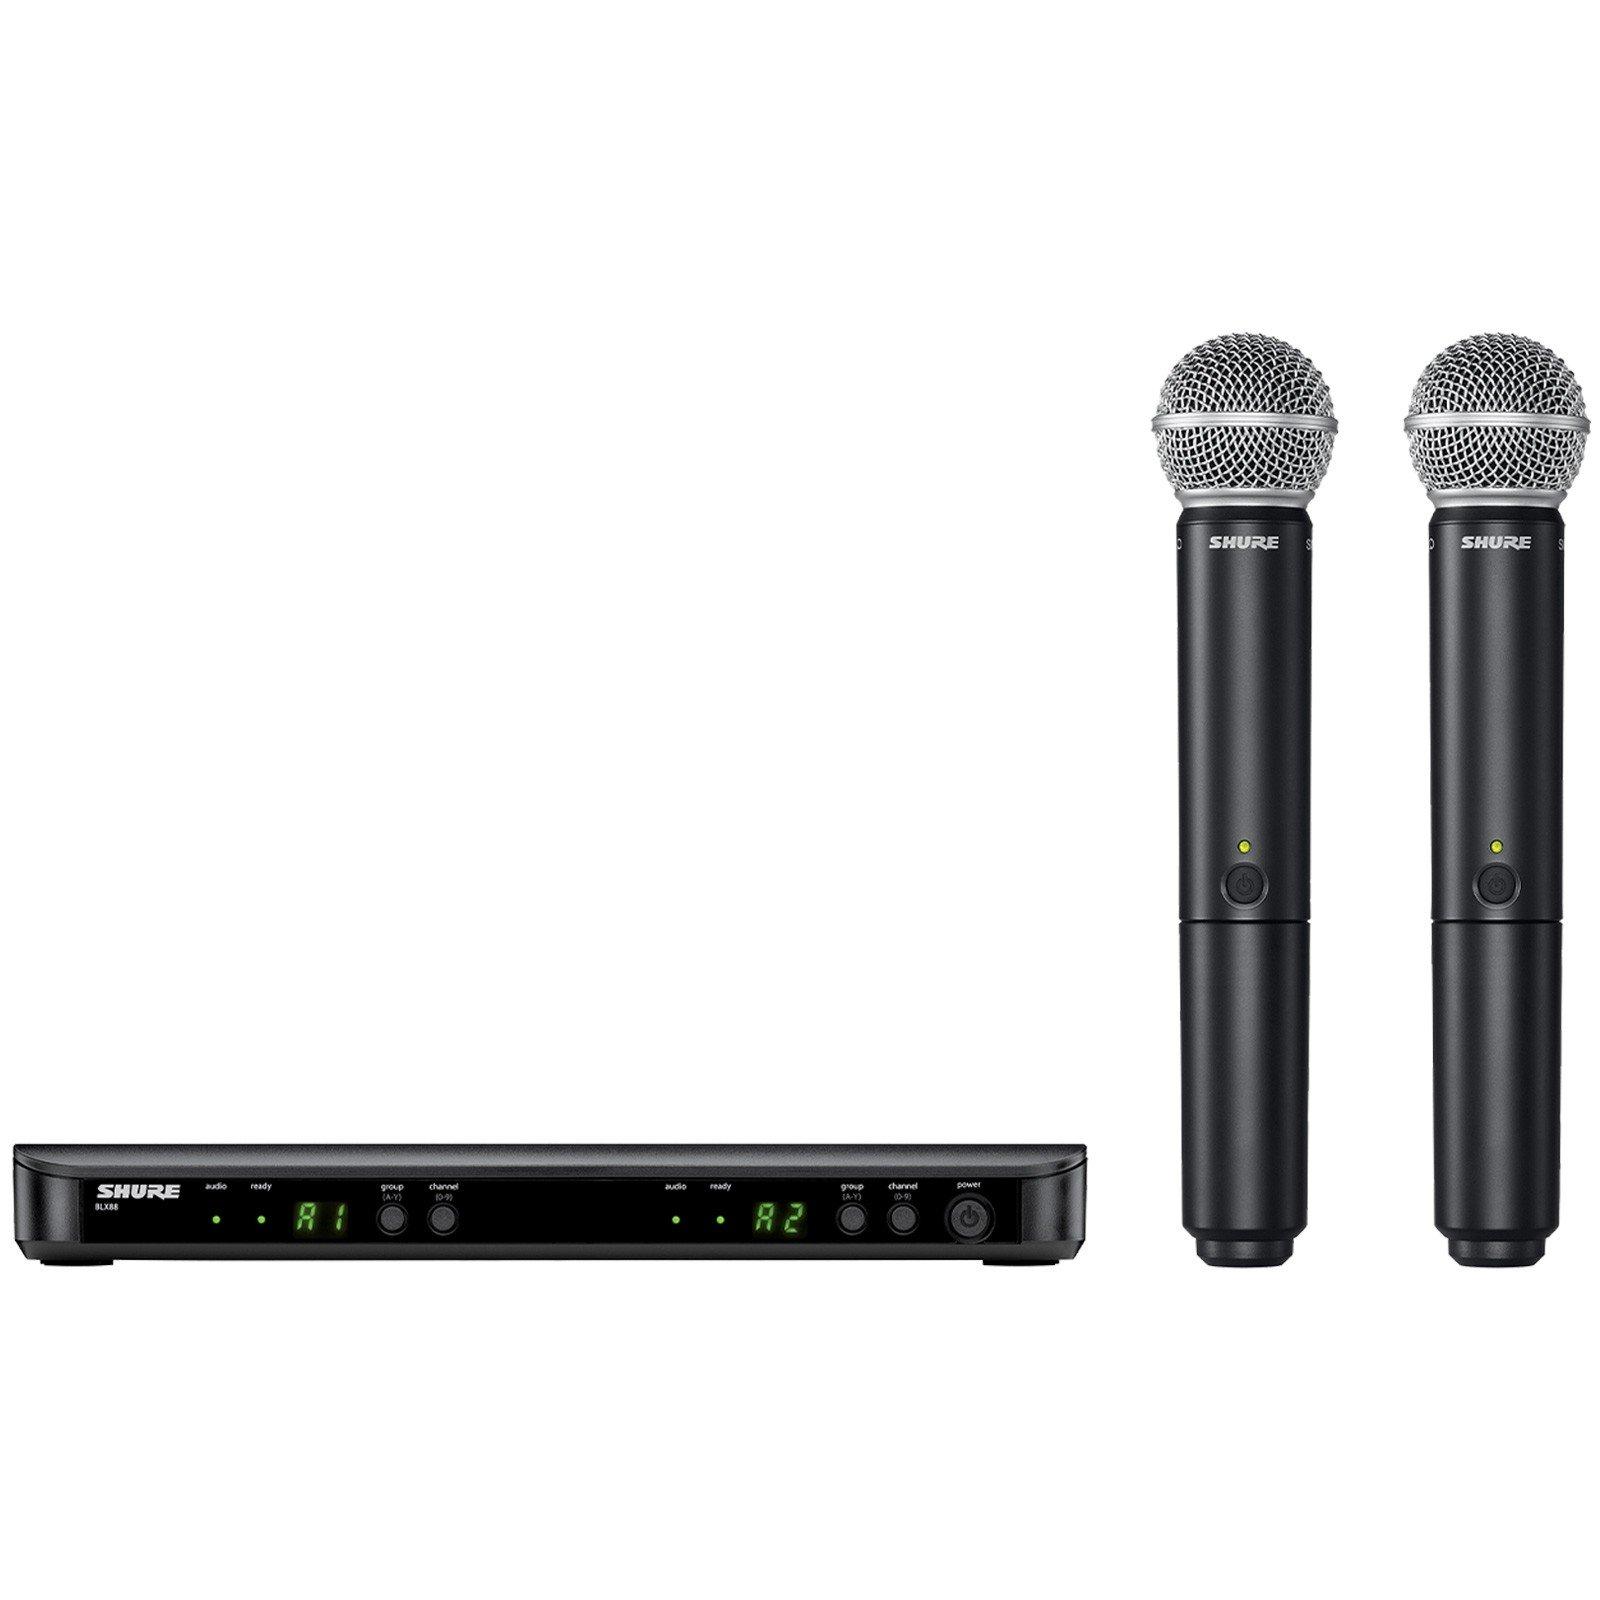 ست میکروفن بی سیم شور مدل BLX88/Beta58